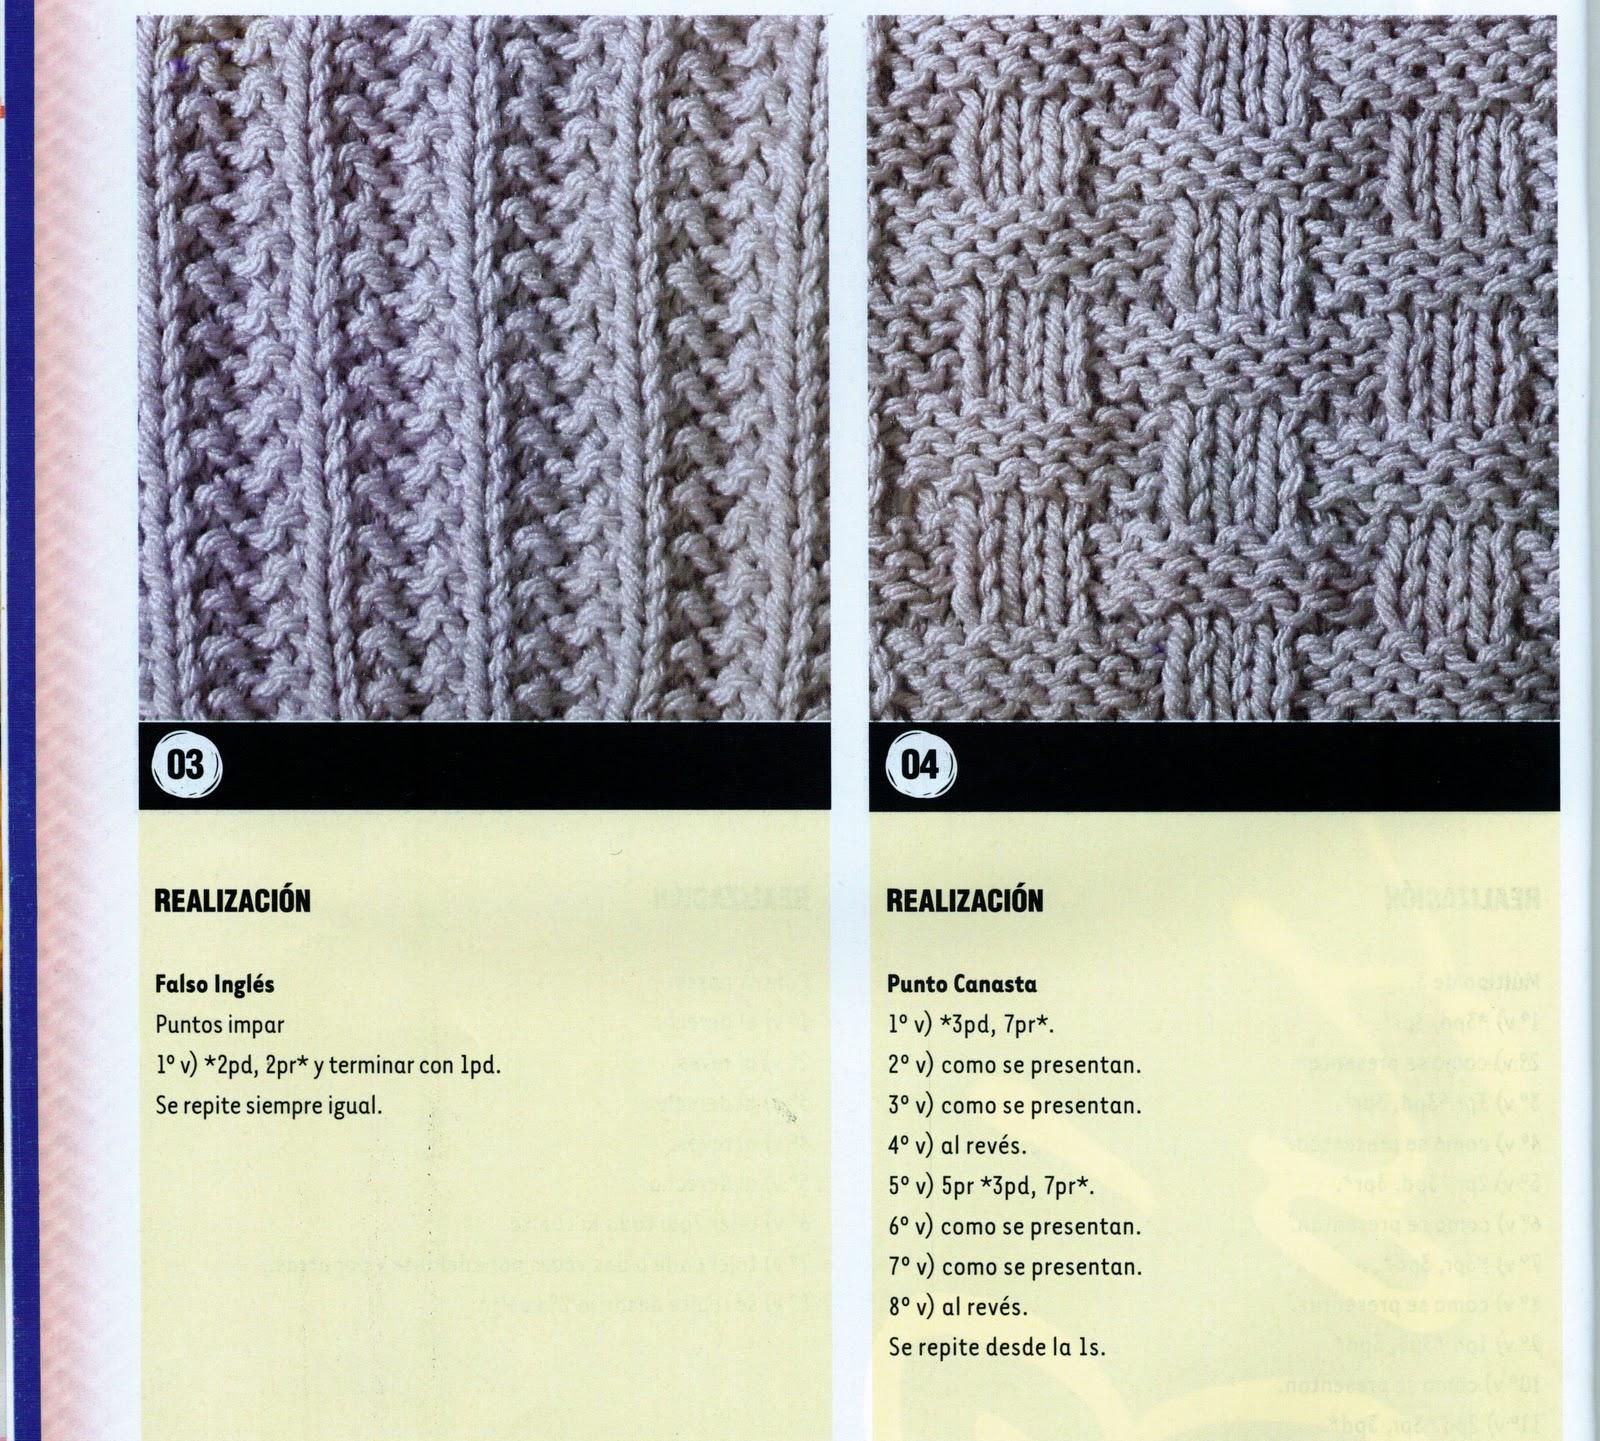 Crochet, dos agujas, tunecino, telar y más........: BIBLIOTECA DE ...